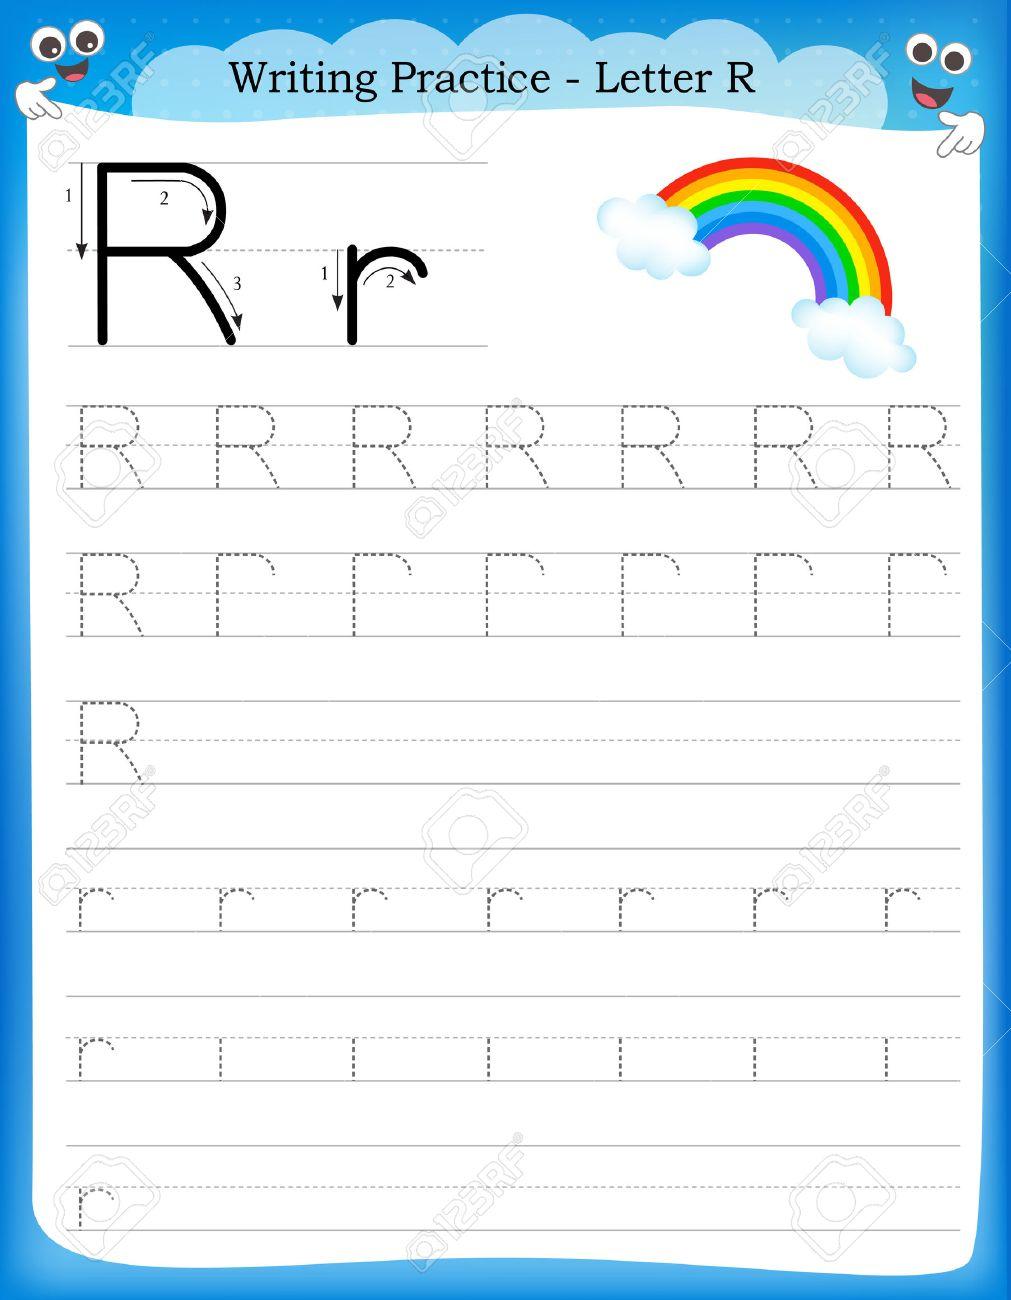 Escribiendo La Práctica Letra R Hoja De Trabajo Imprimible Con ...